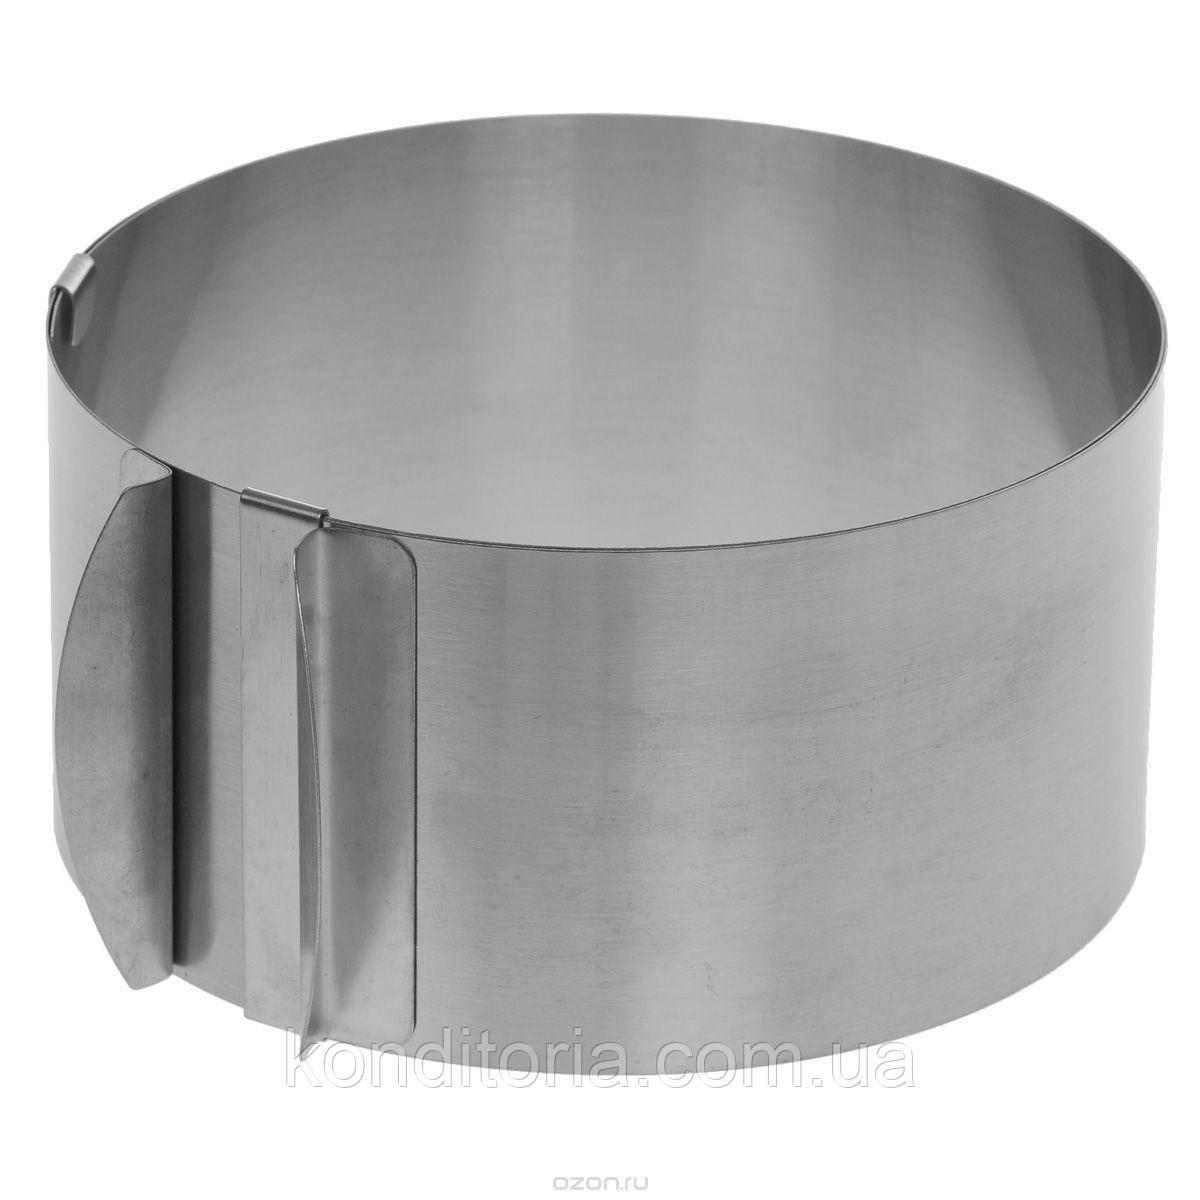 Кондитерское кольцо разъемное D=16-30 H=15см